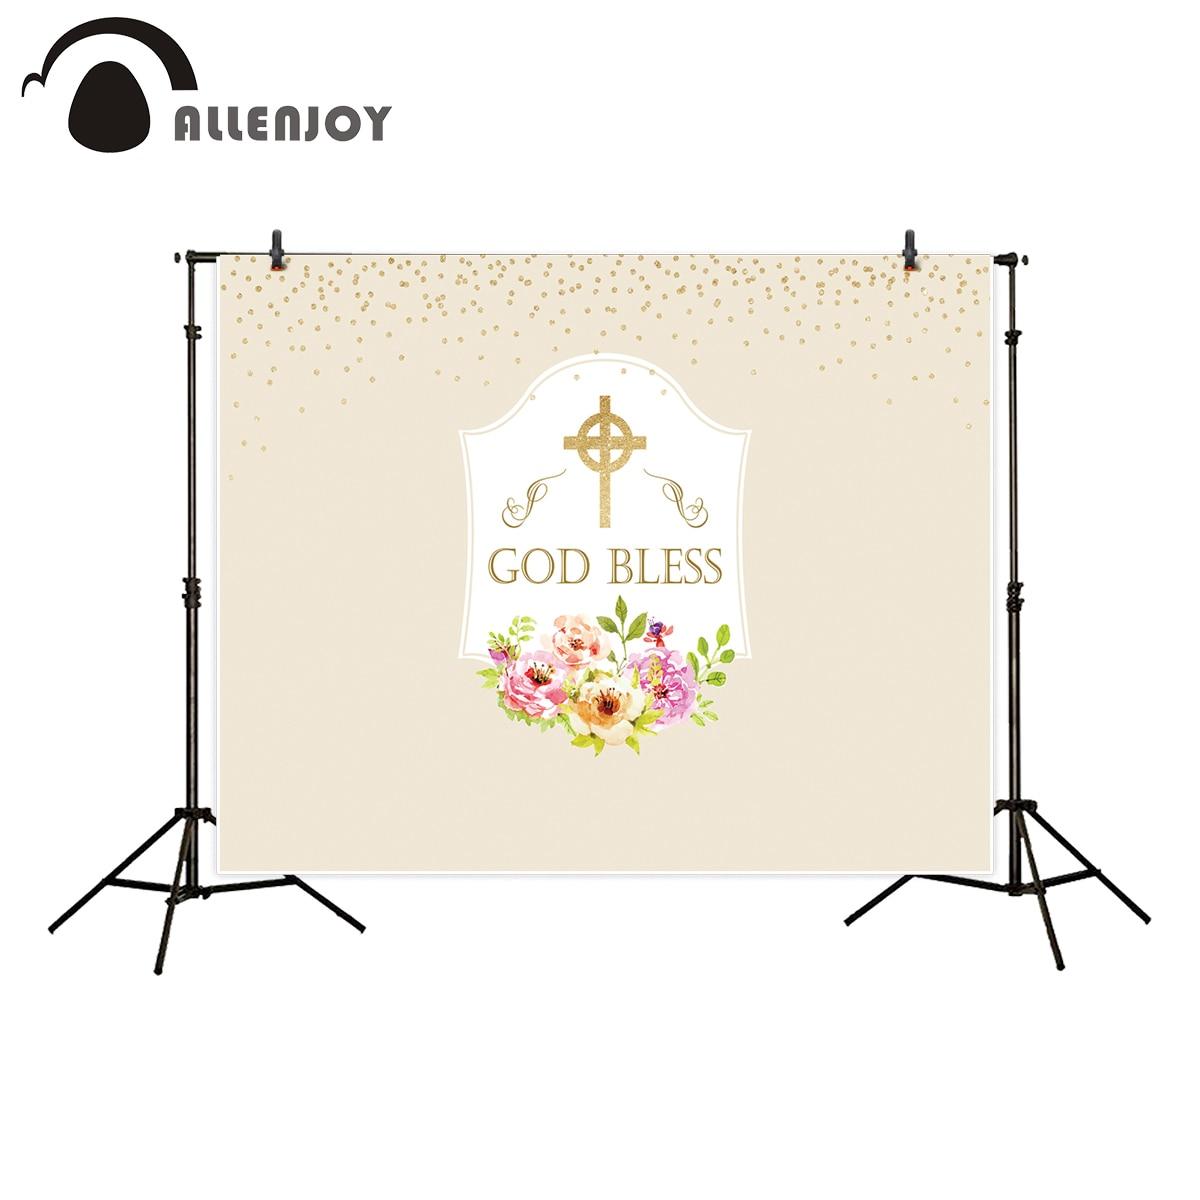 Allenjoy - กล้องและภาพถ่าย